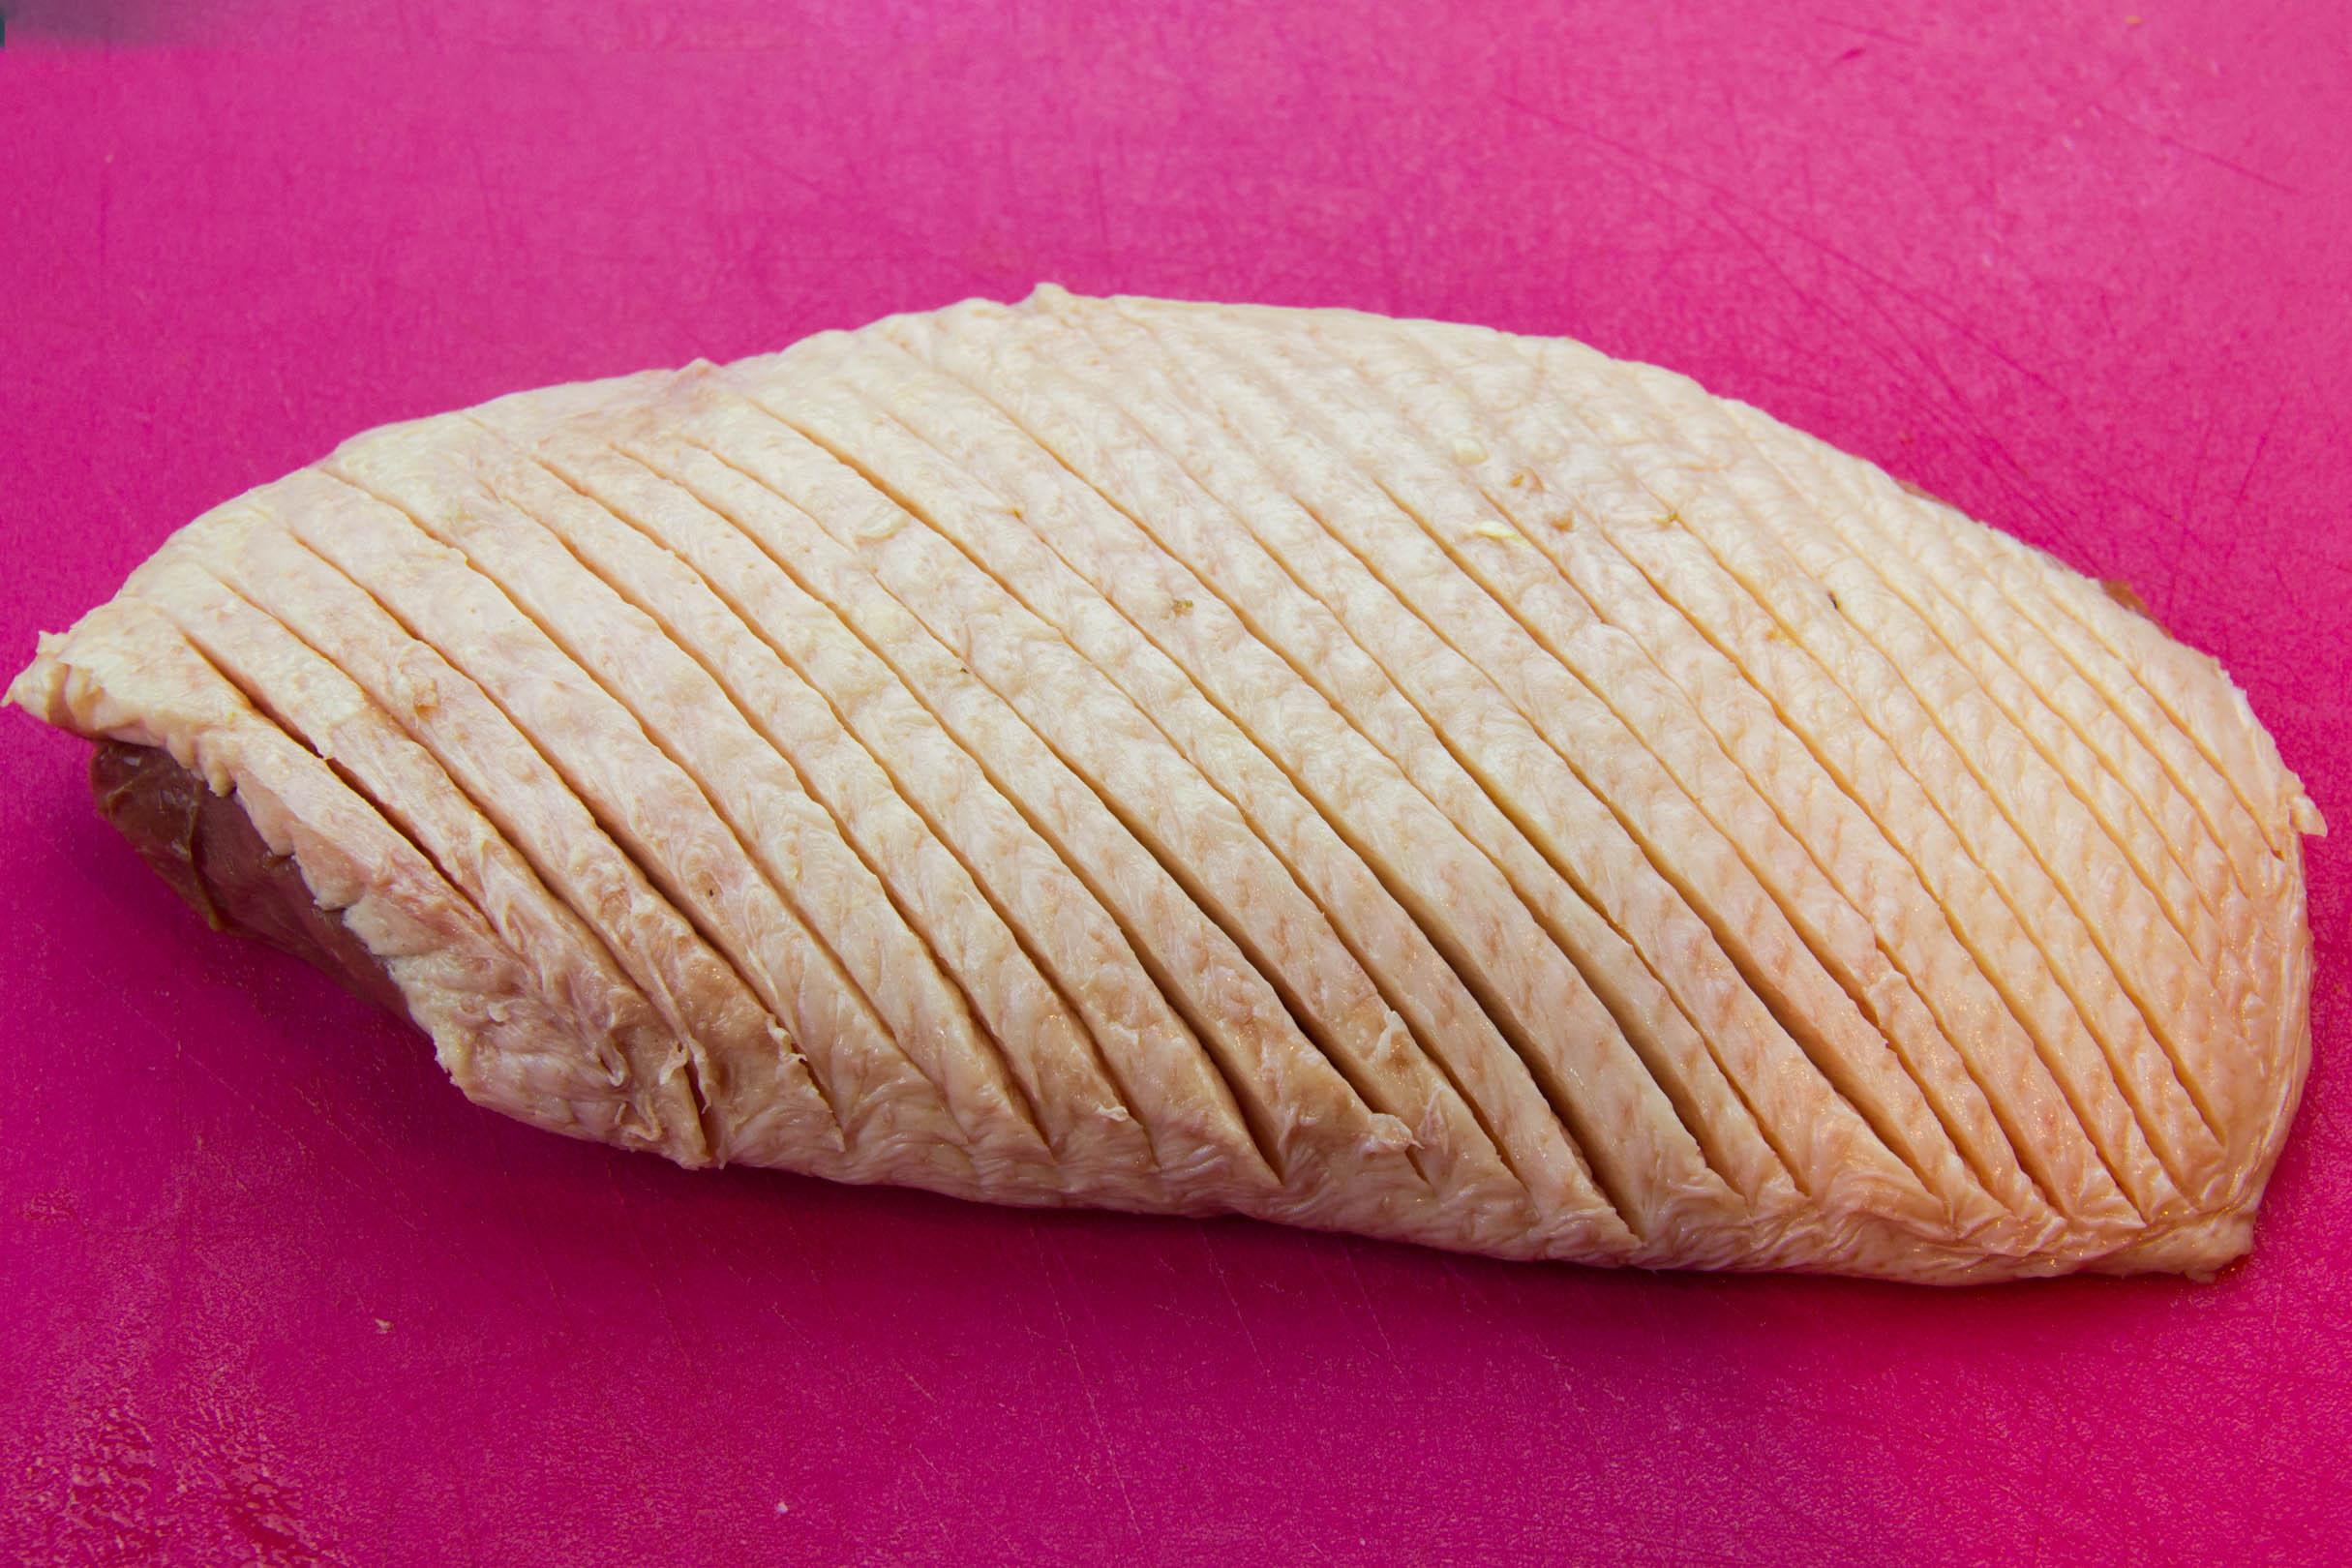 Comment r ussir parfaitement la cuisson des magrets de - Cuisson magret de canard ...